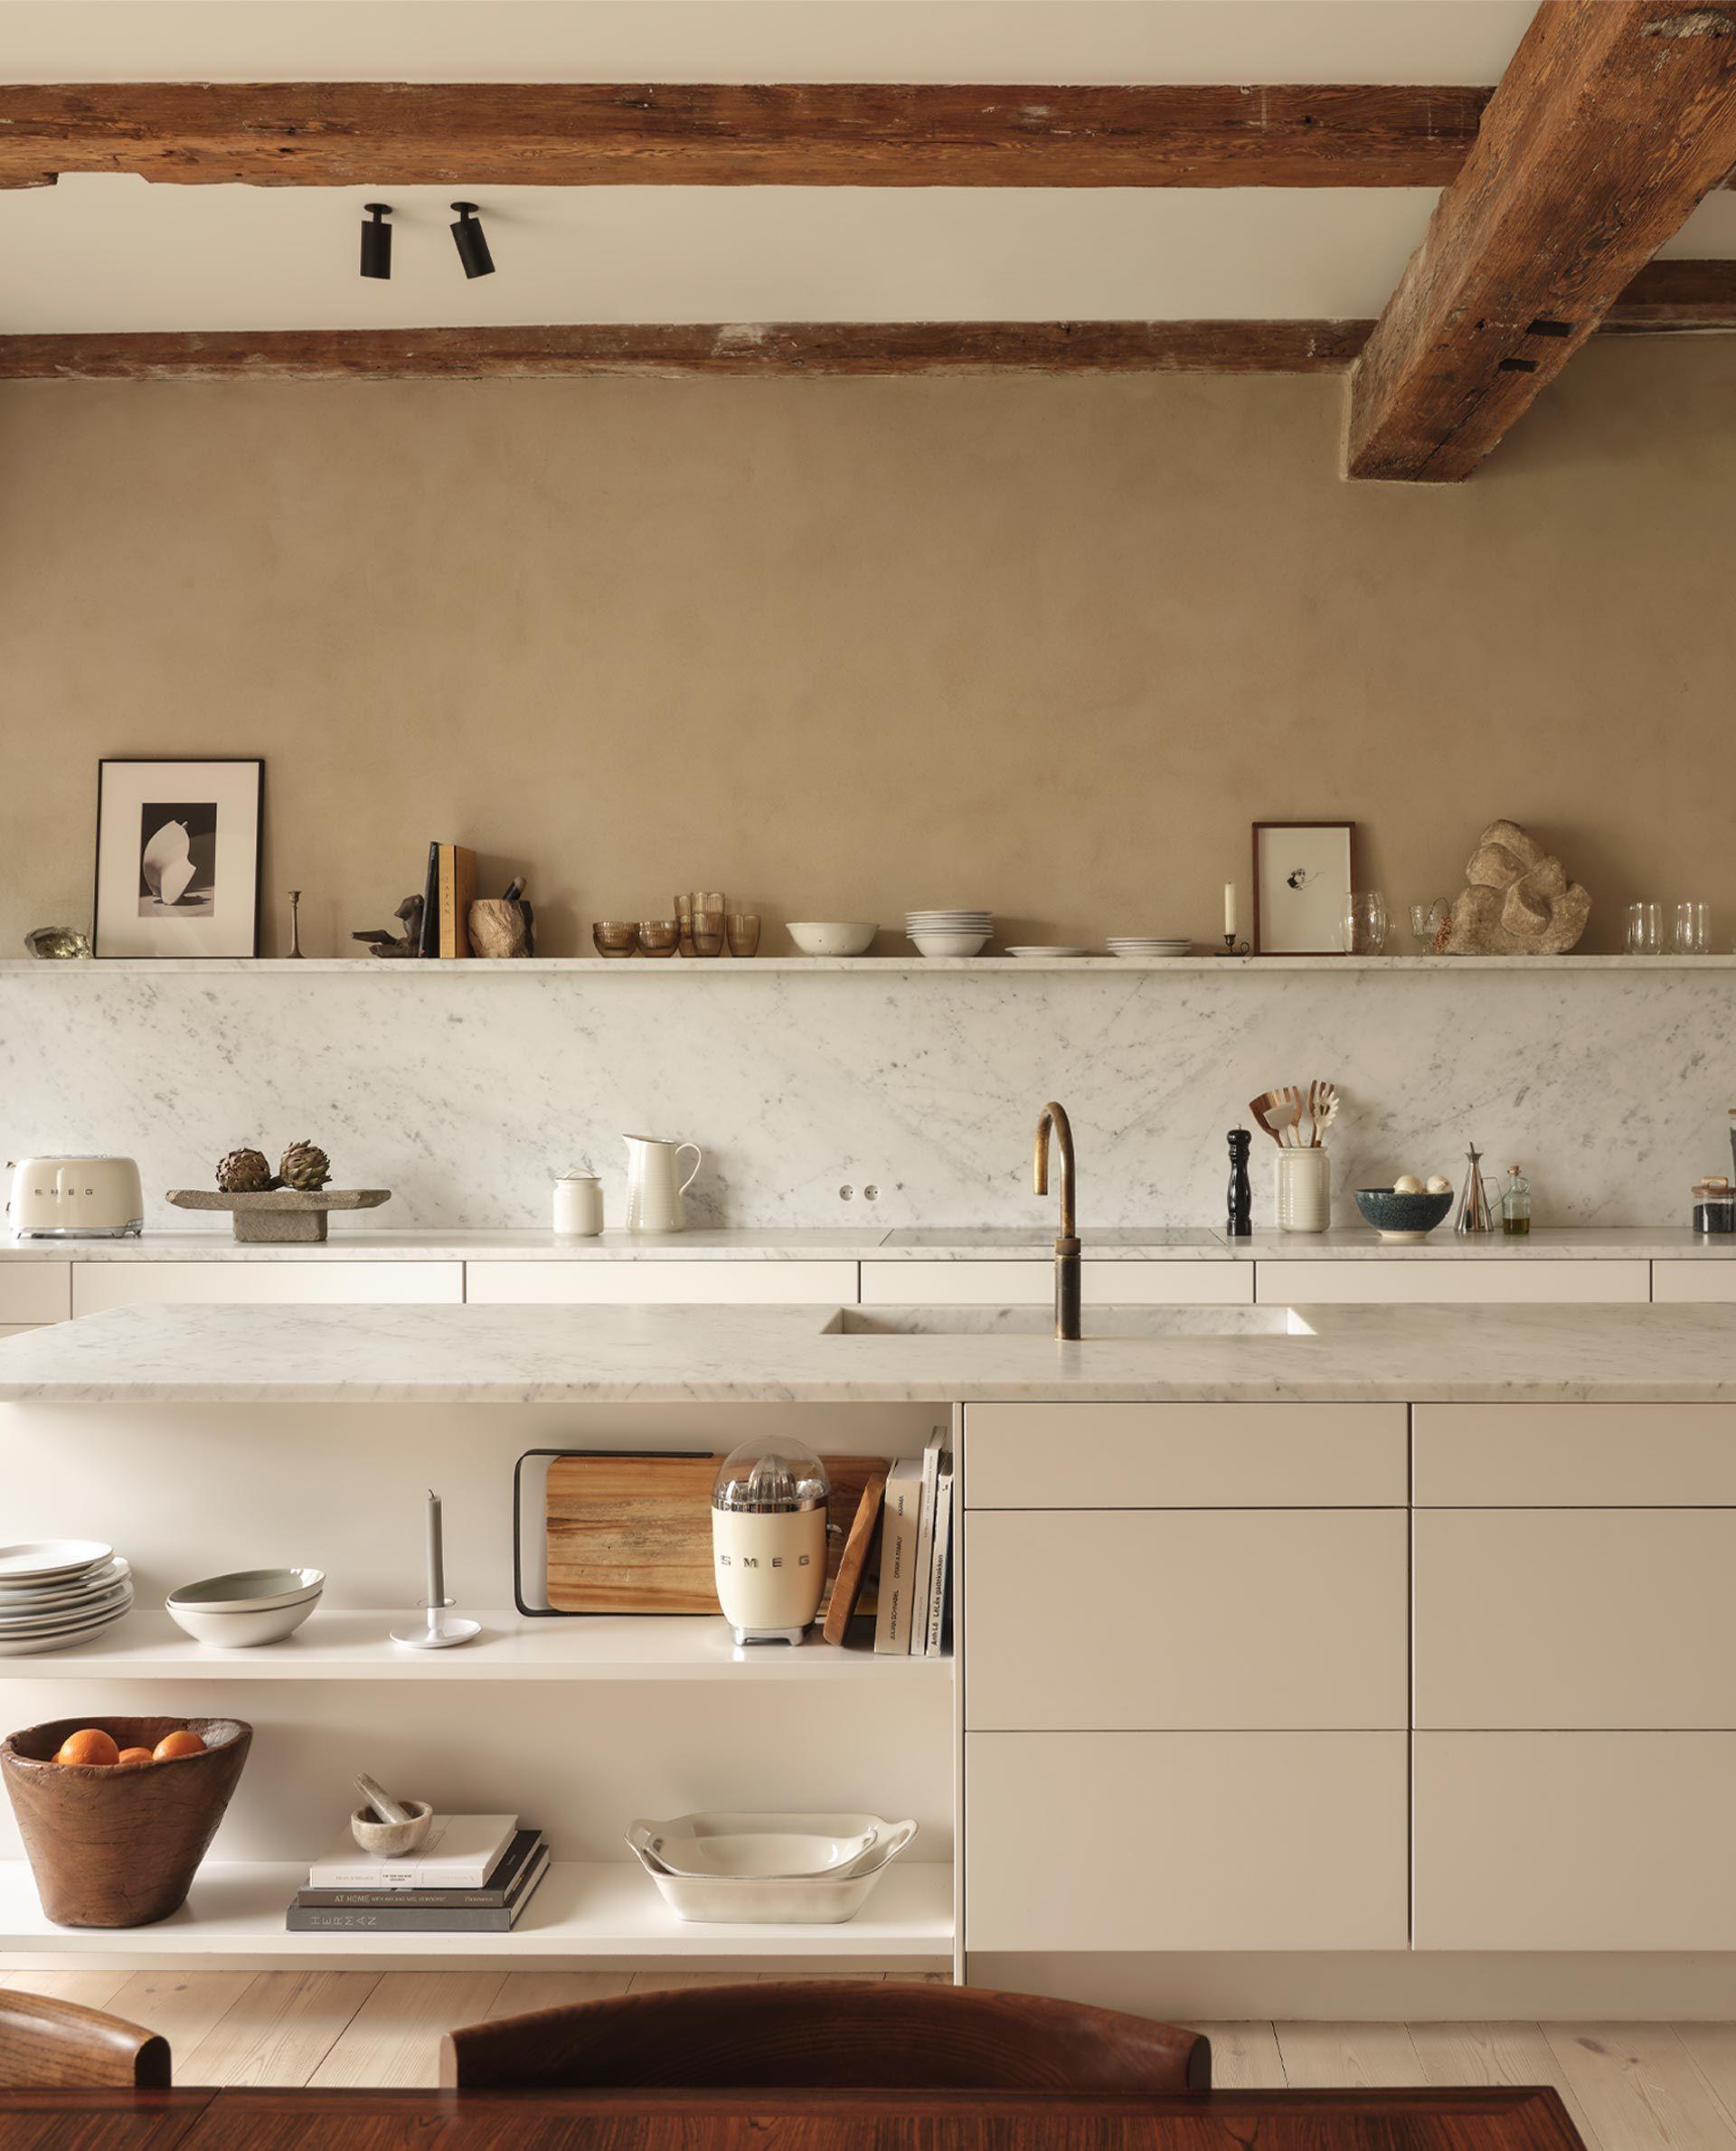 Zara Home New Collection Official Site Decoracion De Cocina